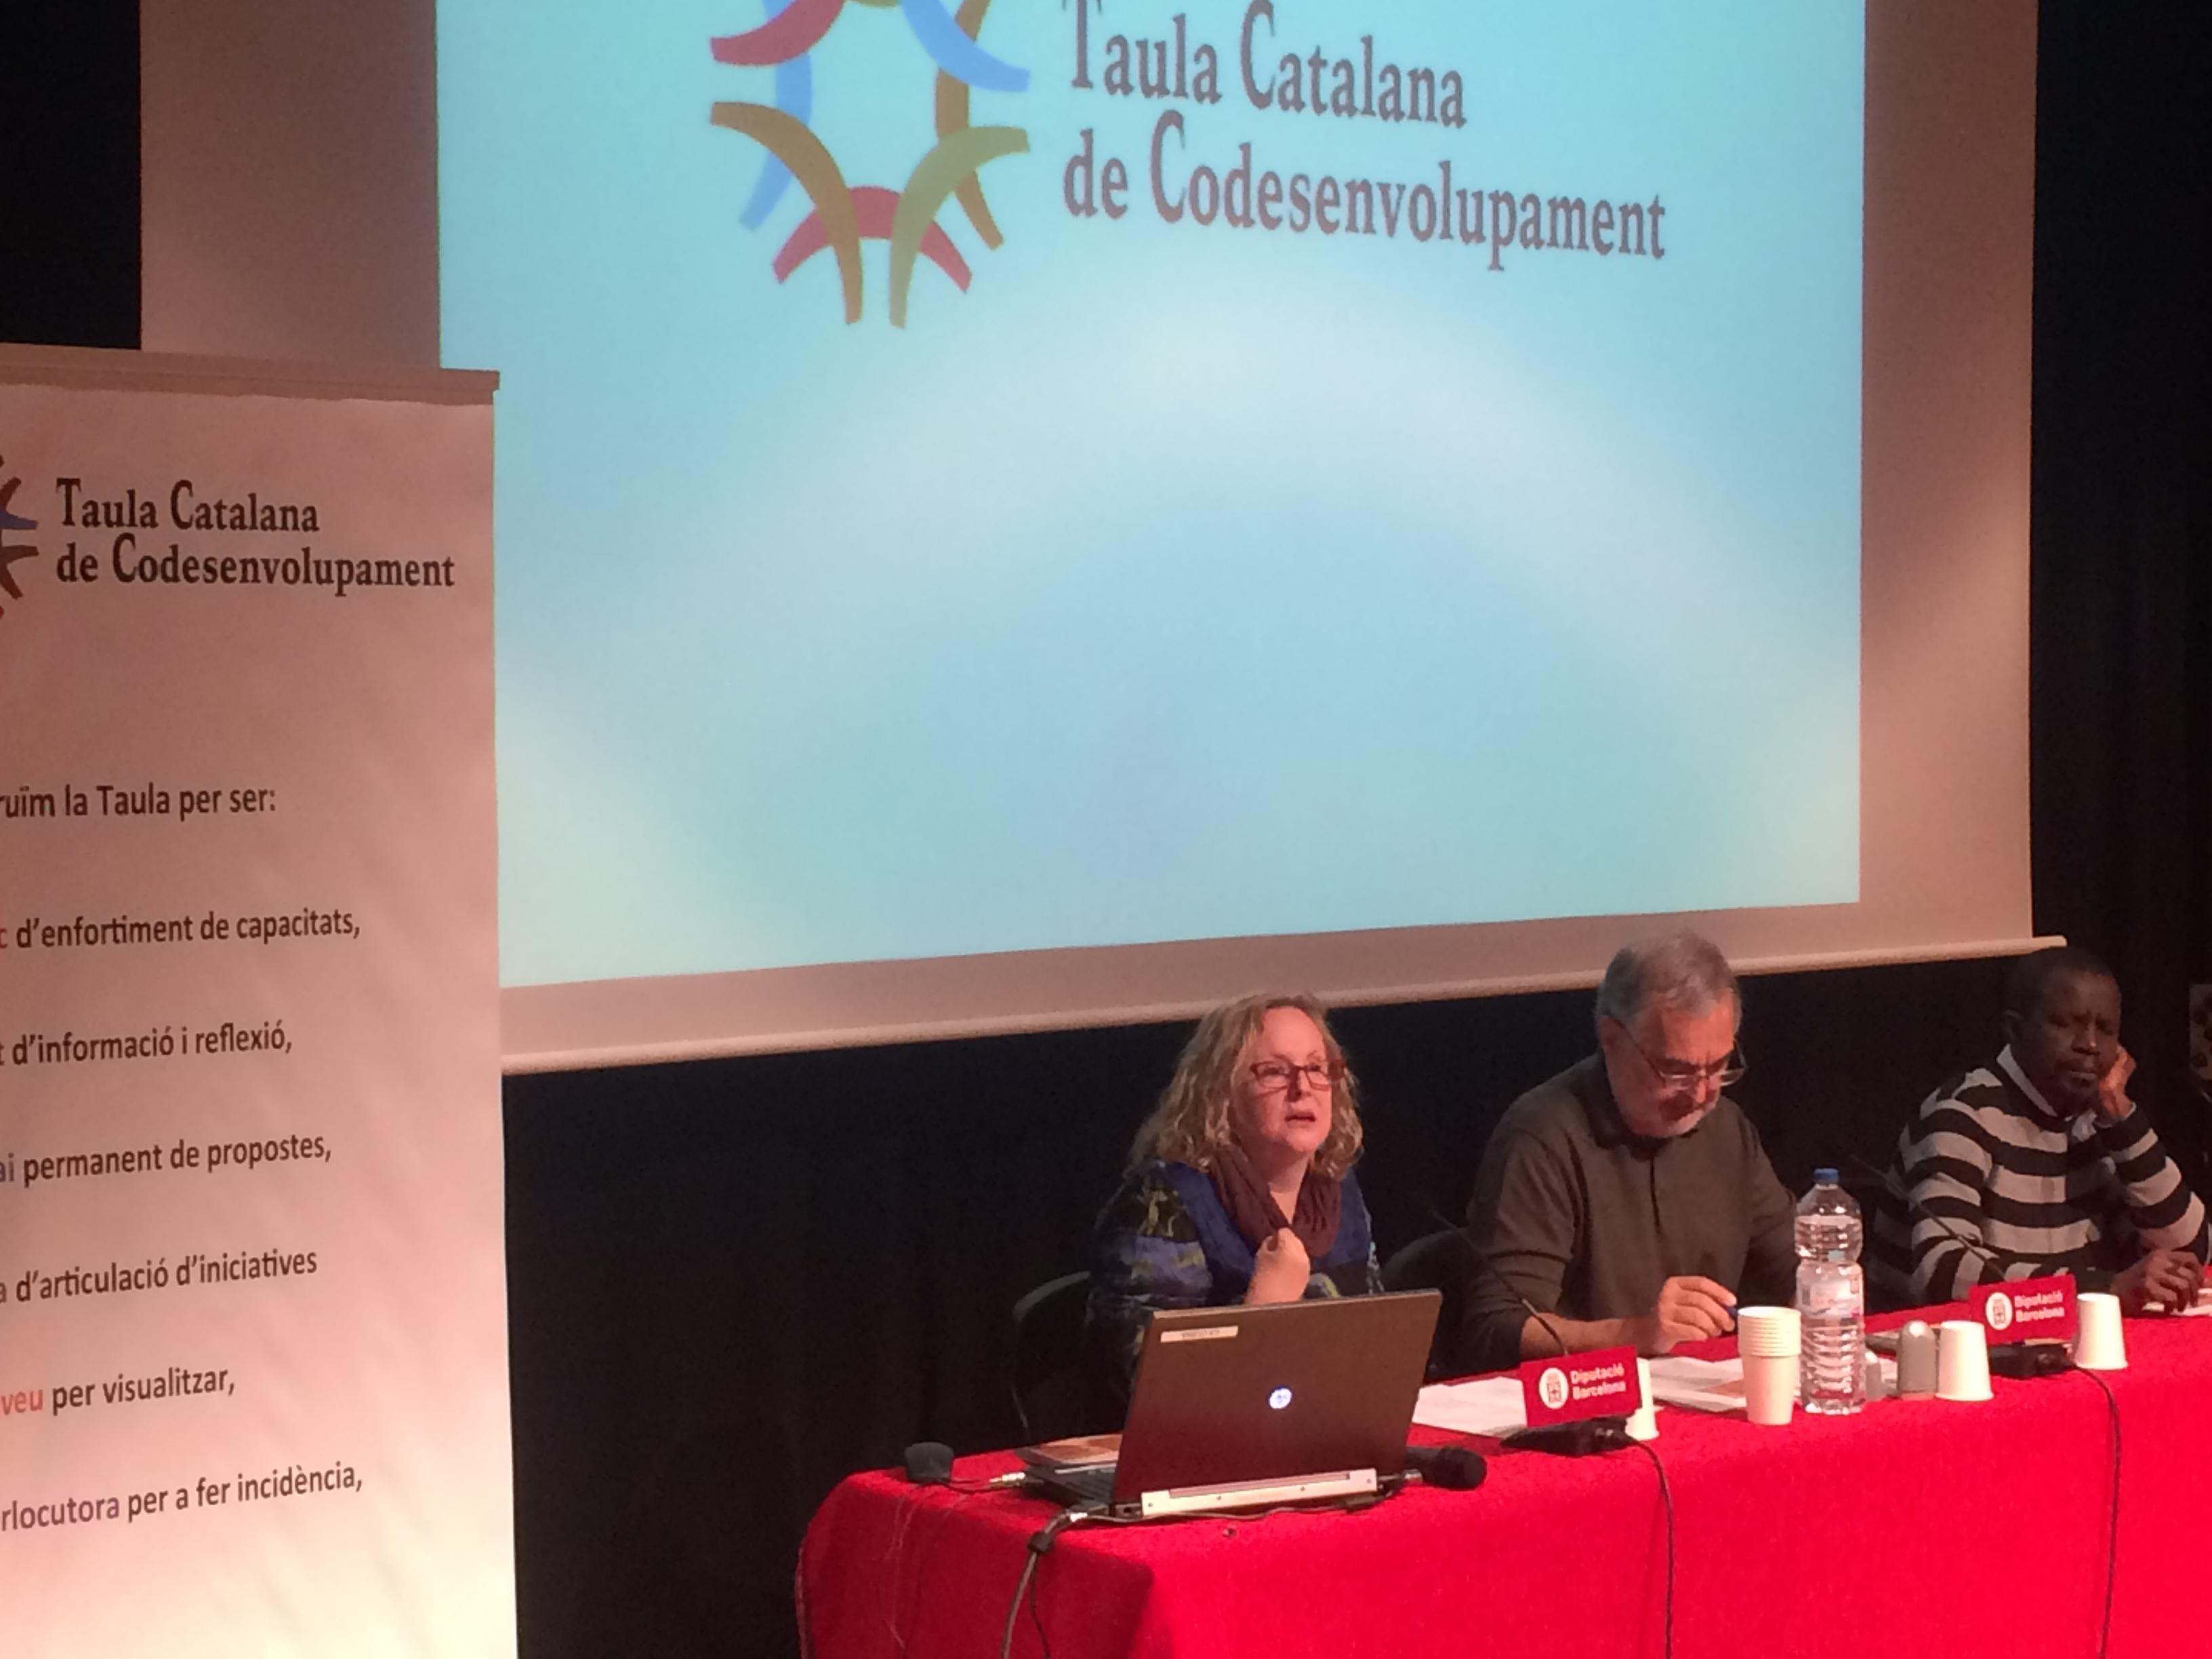 Es presenta la Taula Catalana de Codesenvolupament